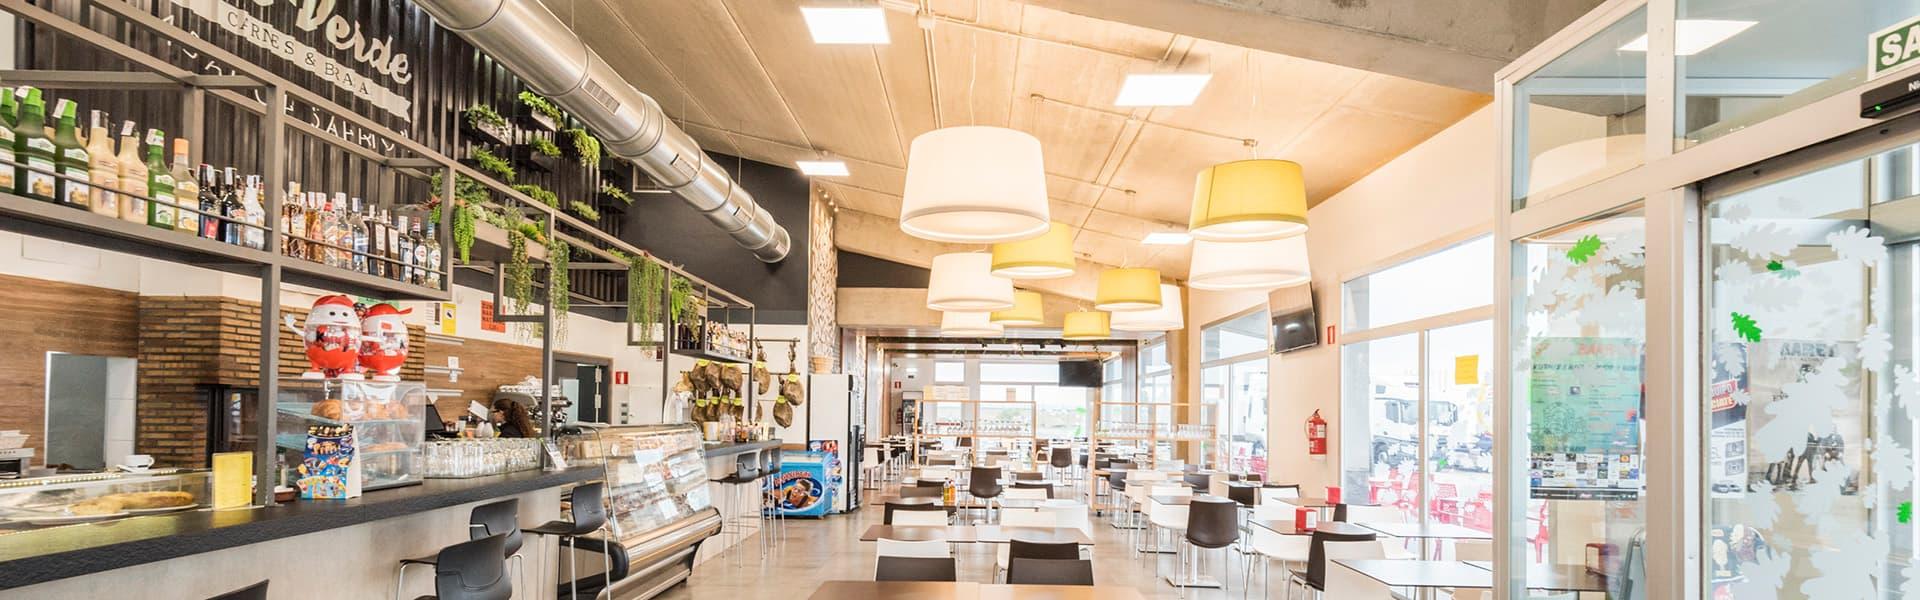 https://www.restauranteasadorviaverde.com/wp-content/uploads/2019/06/RestauranteAsador-ViaVerde_comedor.jpg